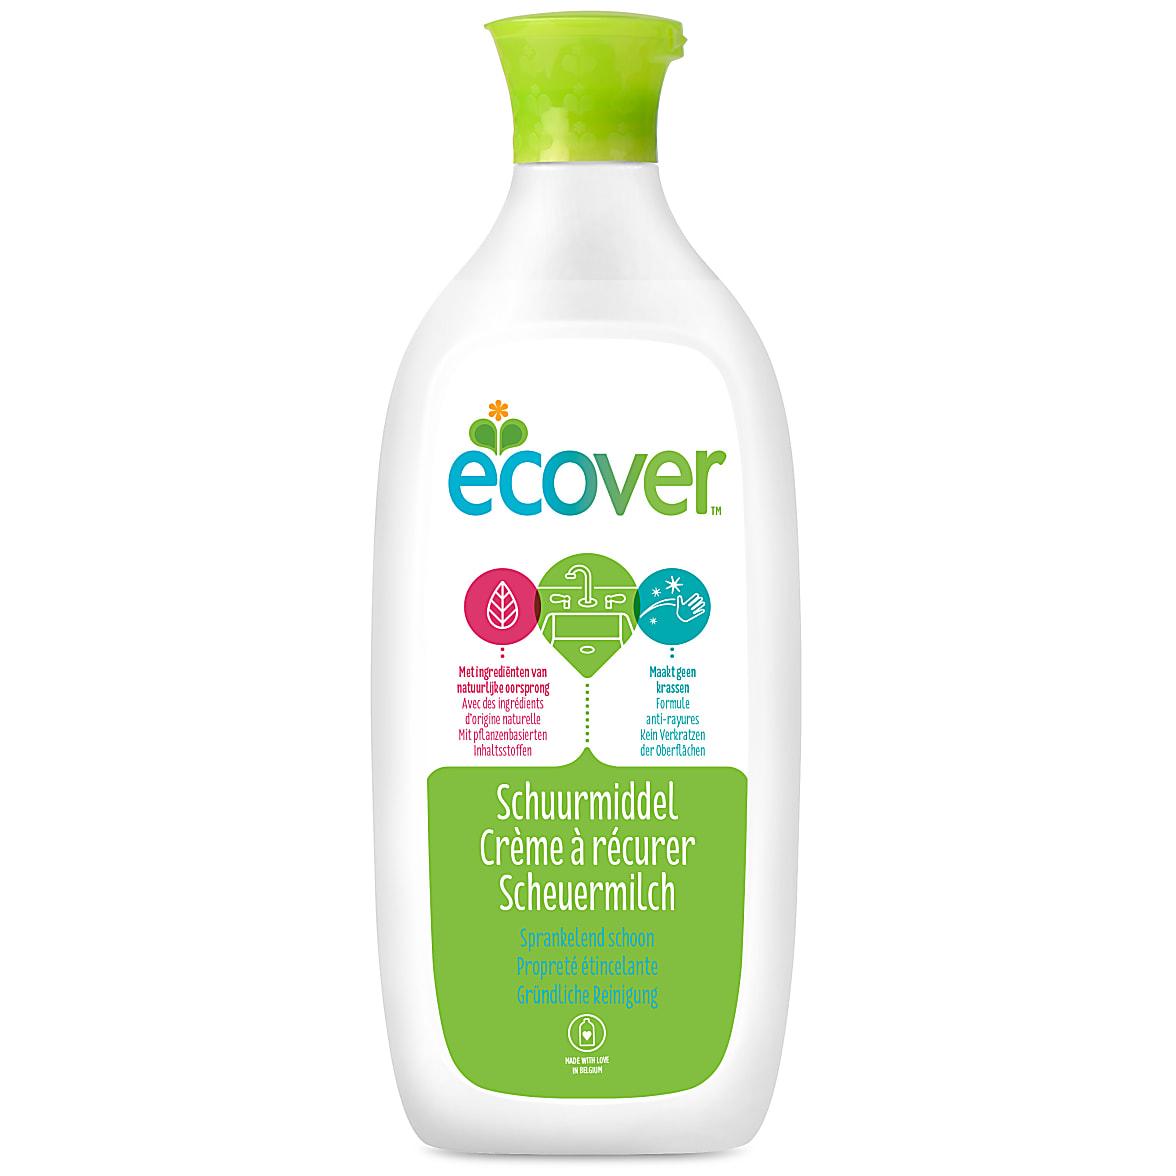 Crème à récurer 15 ml - Ecover